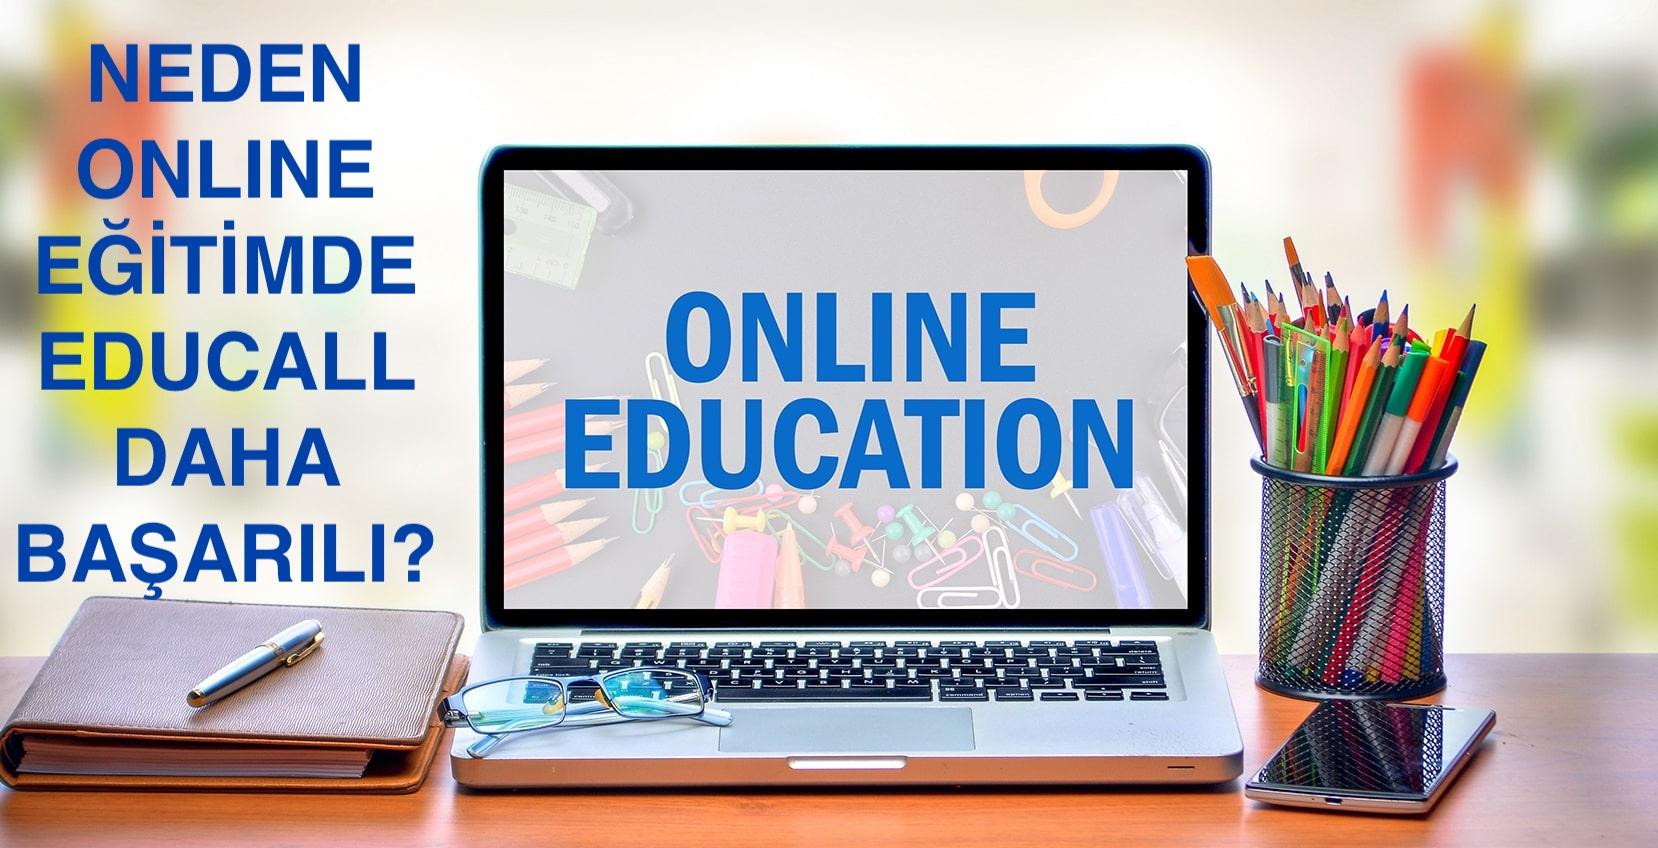 neden-online-egitimde-educall-daha-basarili-